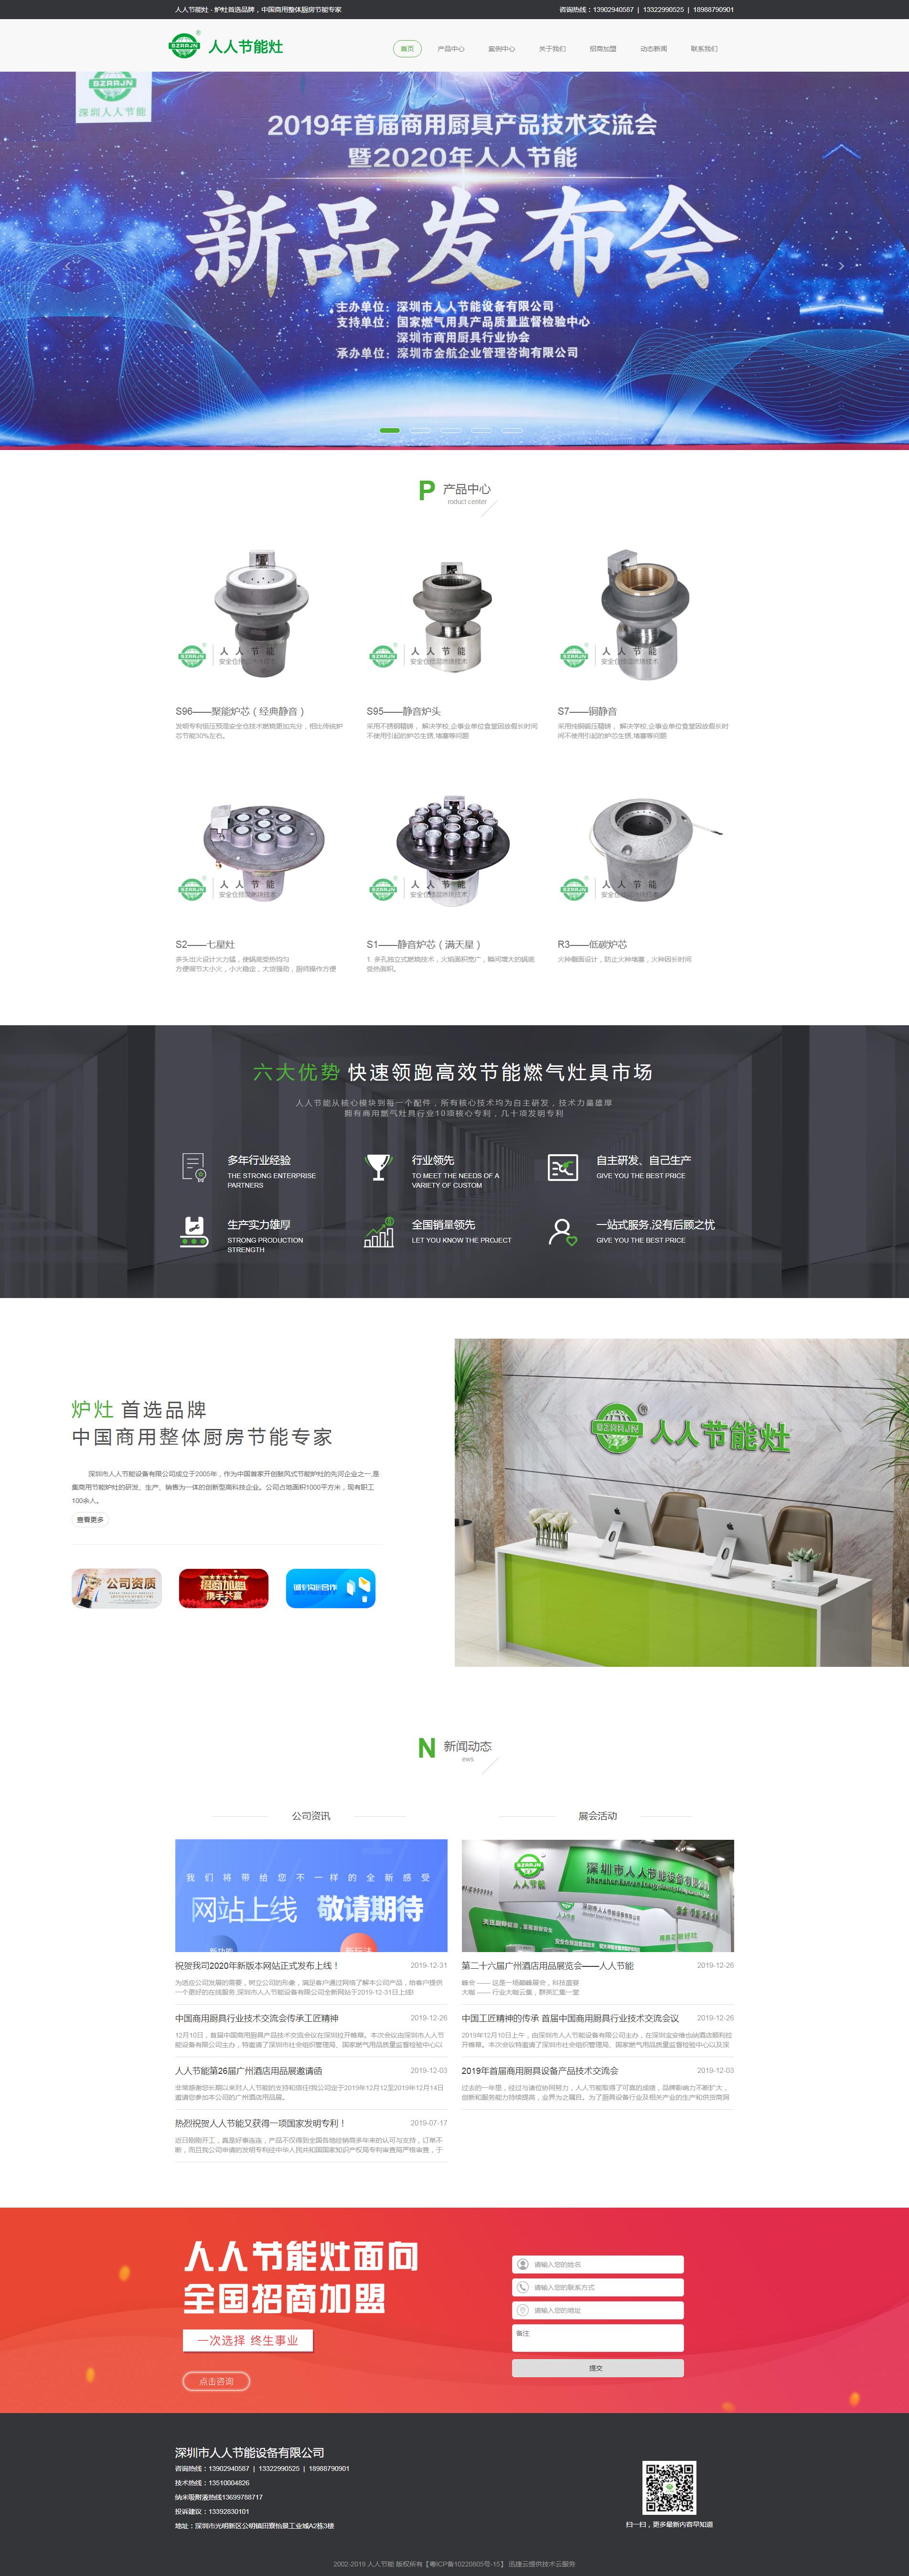 人人节能灶-深圳市人人节能设备有限公司-网站首页截图